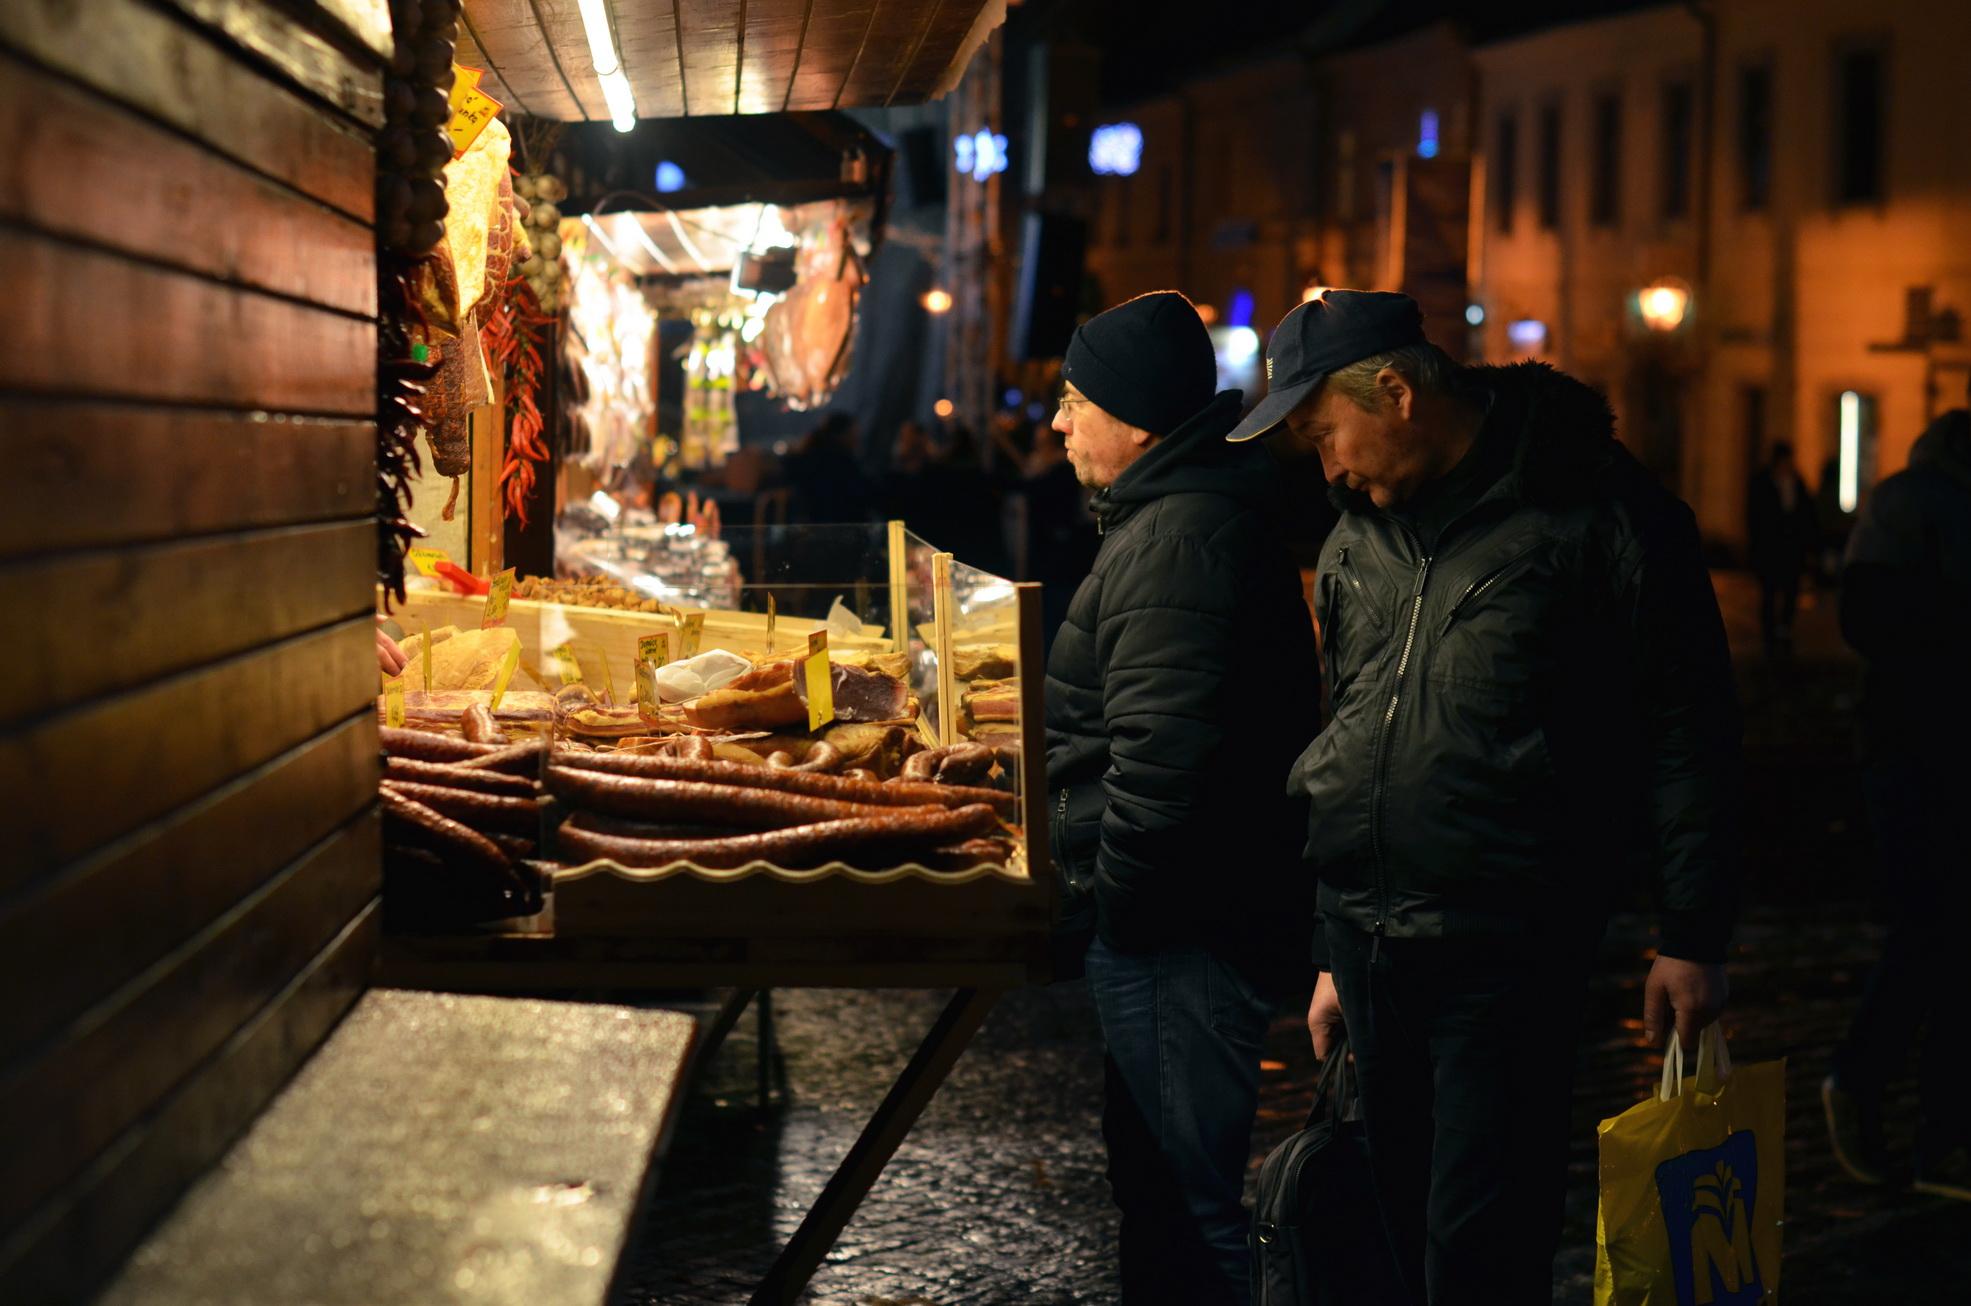 Vianočné trhy v Trnave. Zdroj: Magdaléna Tomalová